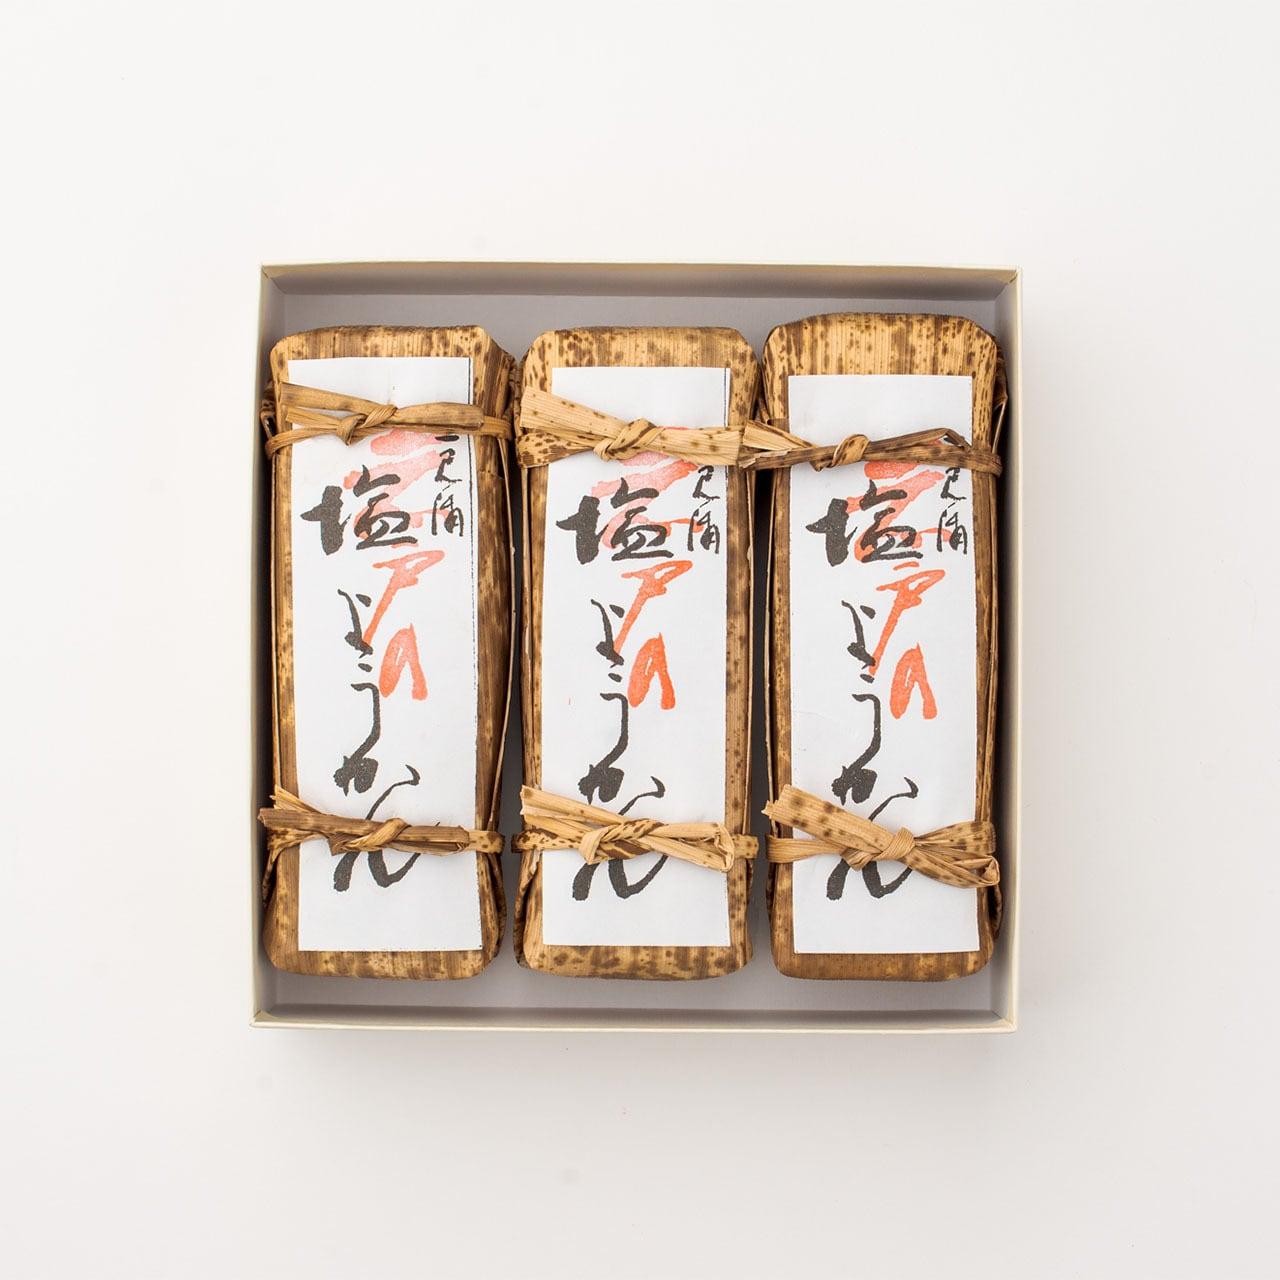 二見浦岩戸の塩ようかん 3本入化粧箱